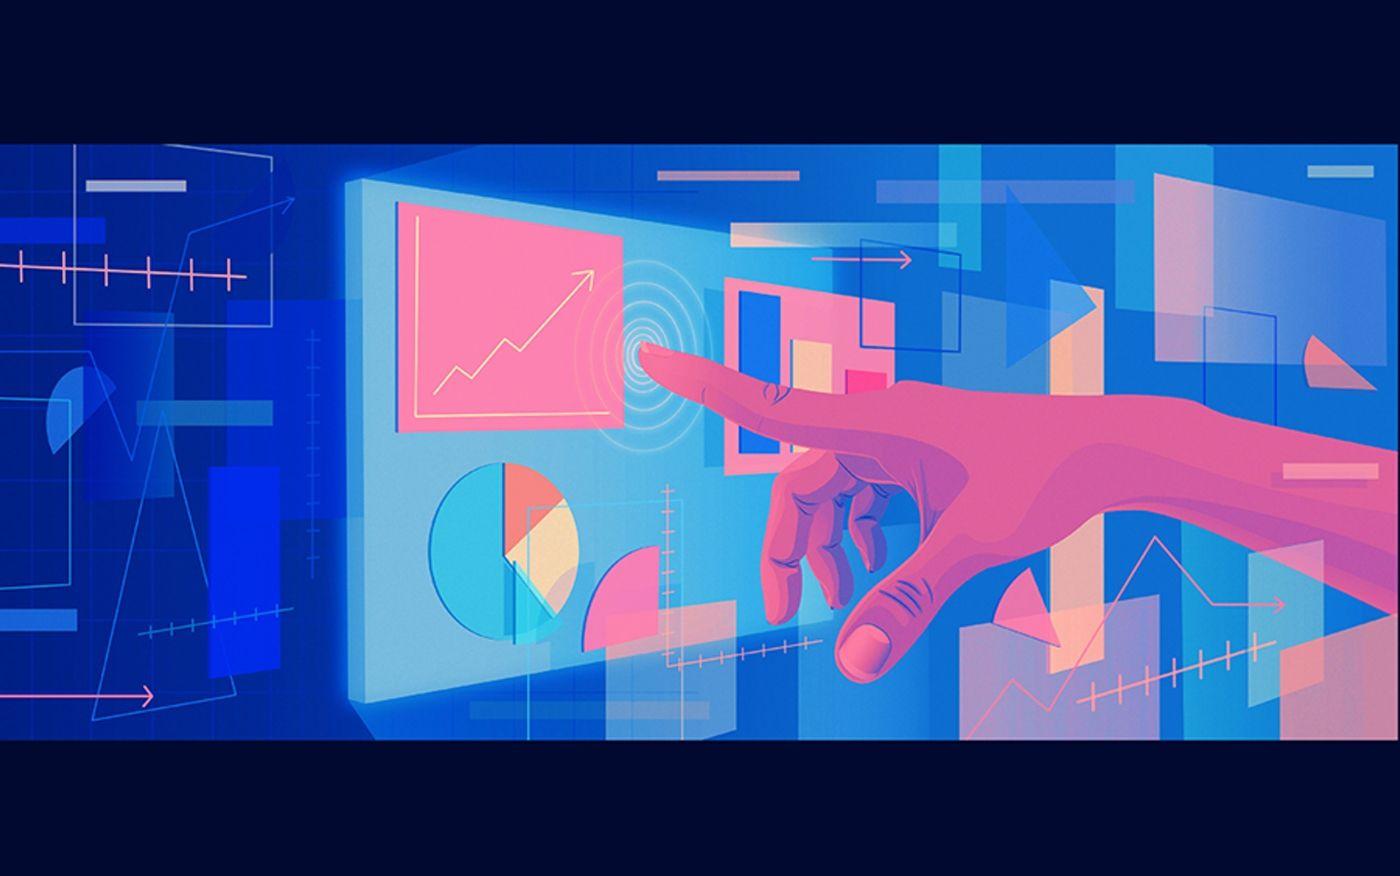 【AE/MG动画小技巧】AE合成长度快速匹配,实用脚本 飞特网 AE视频教程